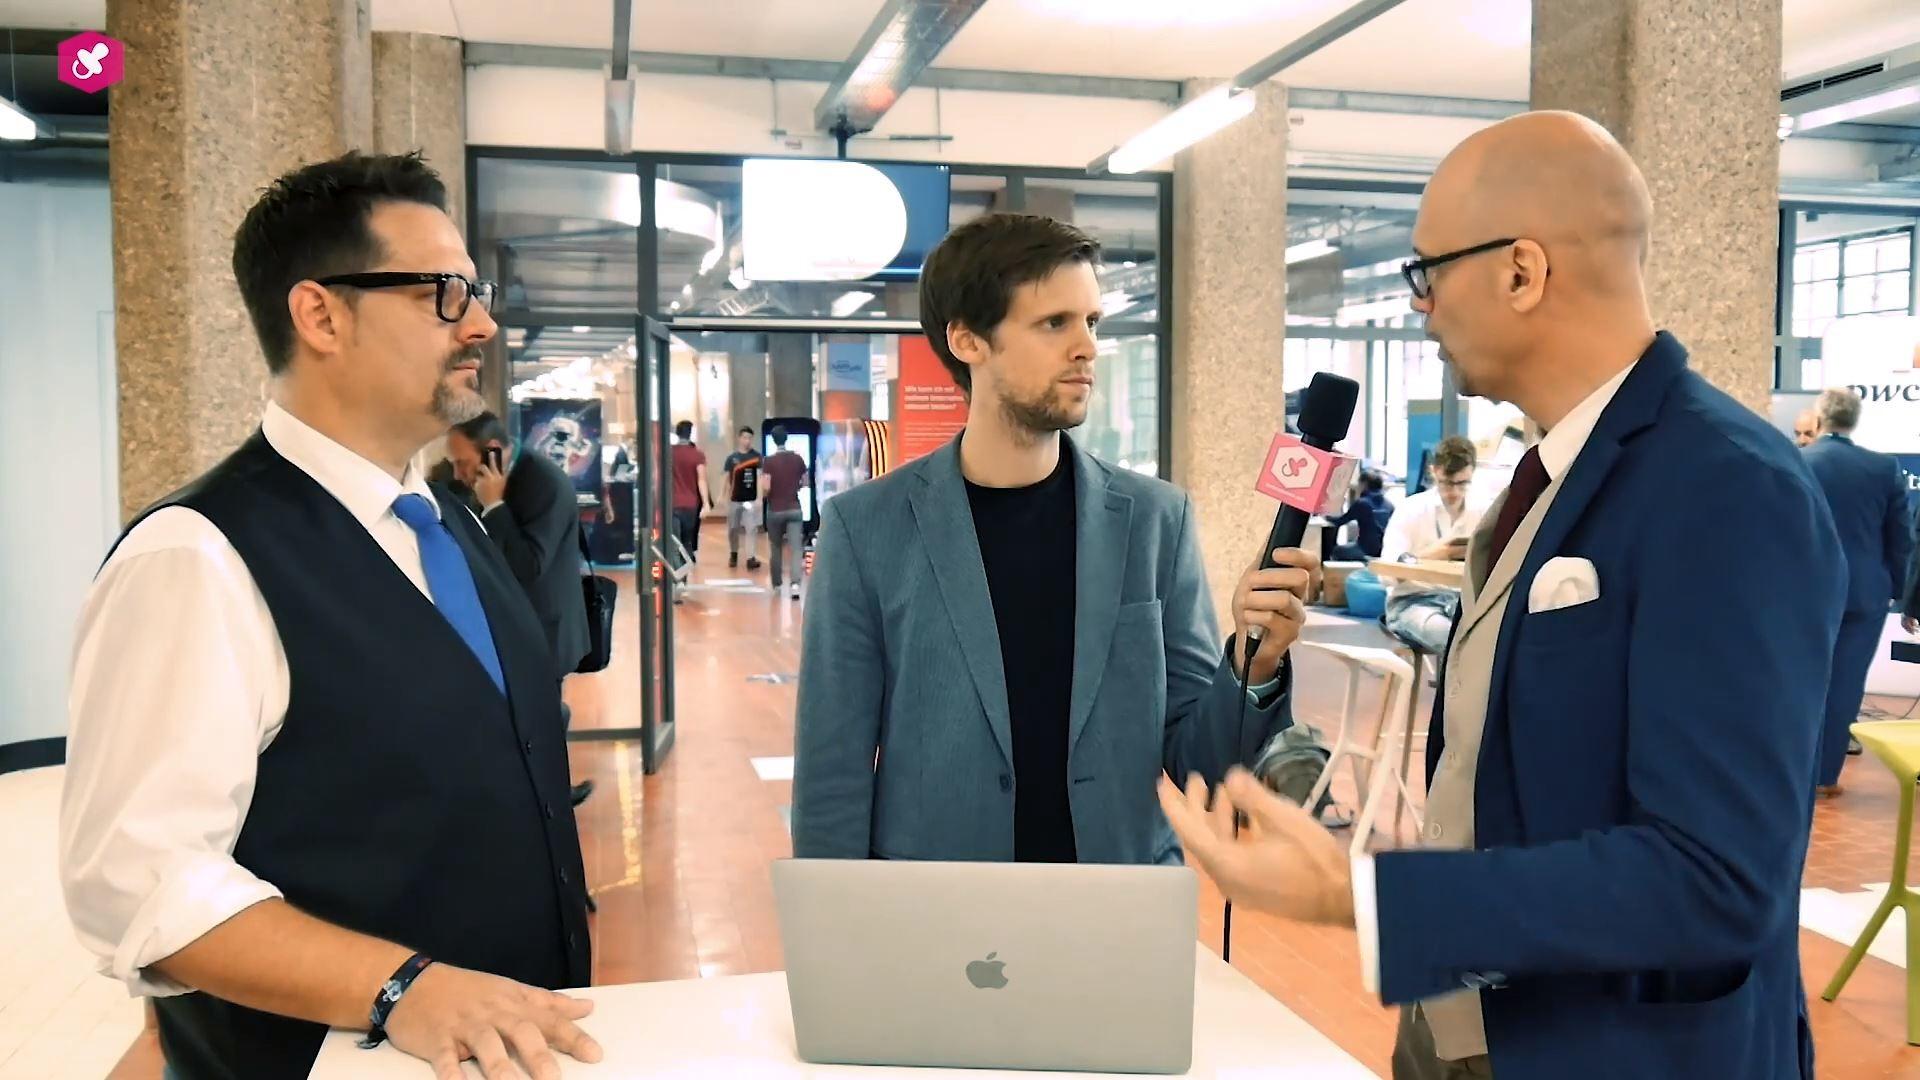 Mario Kwas und Gernot Hutter über die Ausbildung zum Intrapreneur